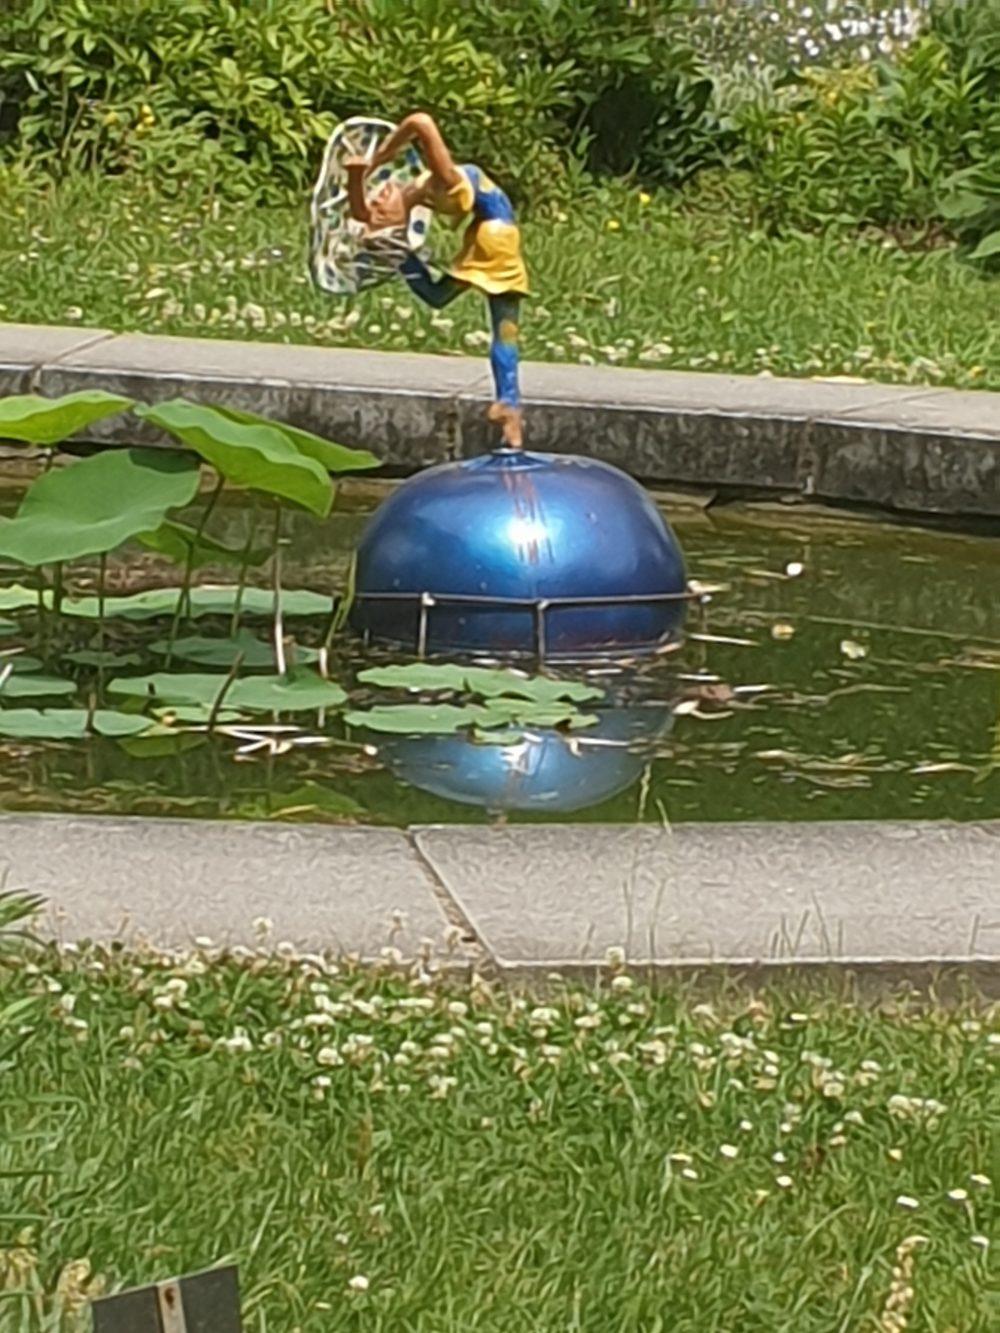 Kleine Figur einer Tänerzin auf einer Kugel im Teich